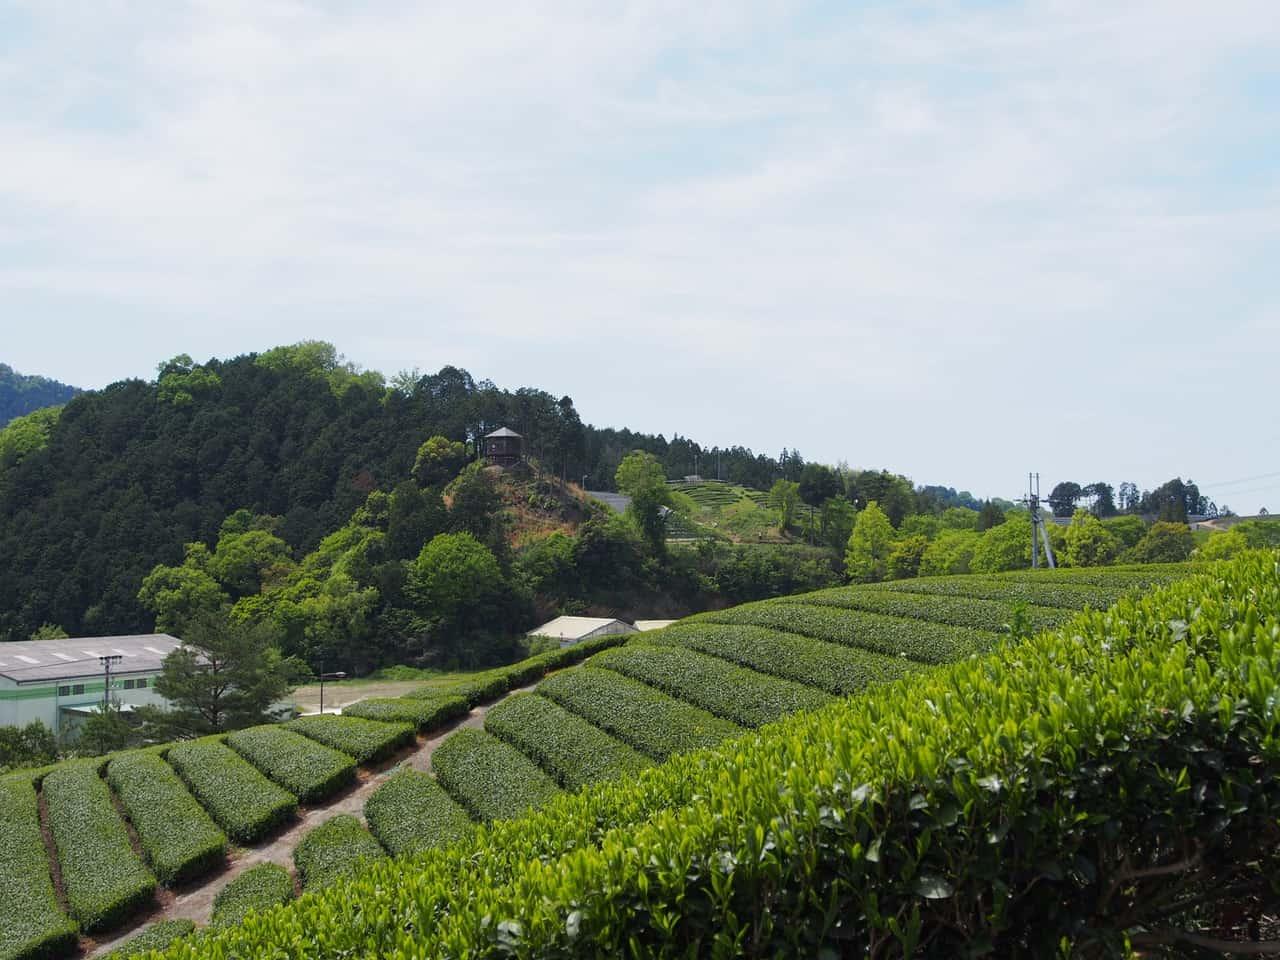 Un paseo por las regiones del té en Wazuka y Uji